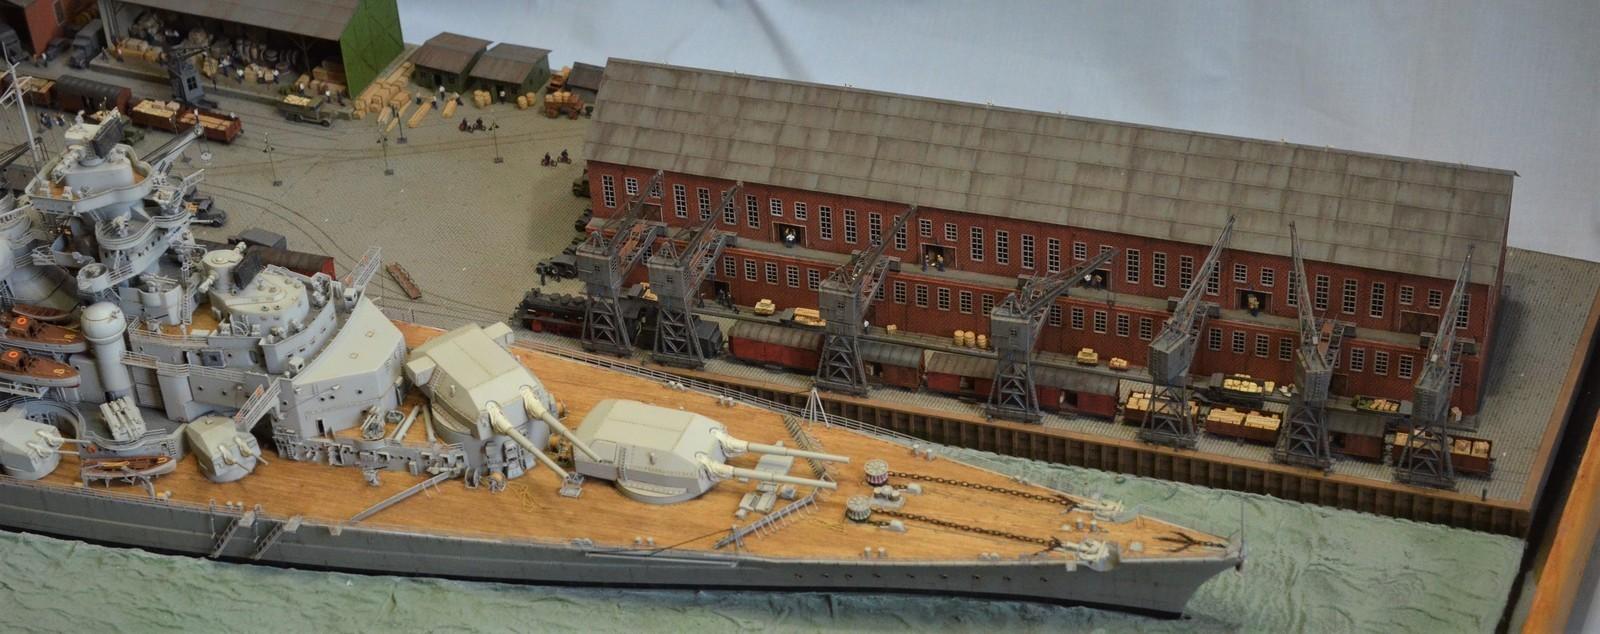 Grande grue 250 t port de Hambourg et Bismarck Revell au 1/350 - Page 11 VHwP1M